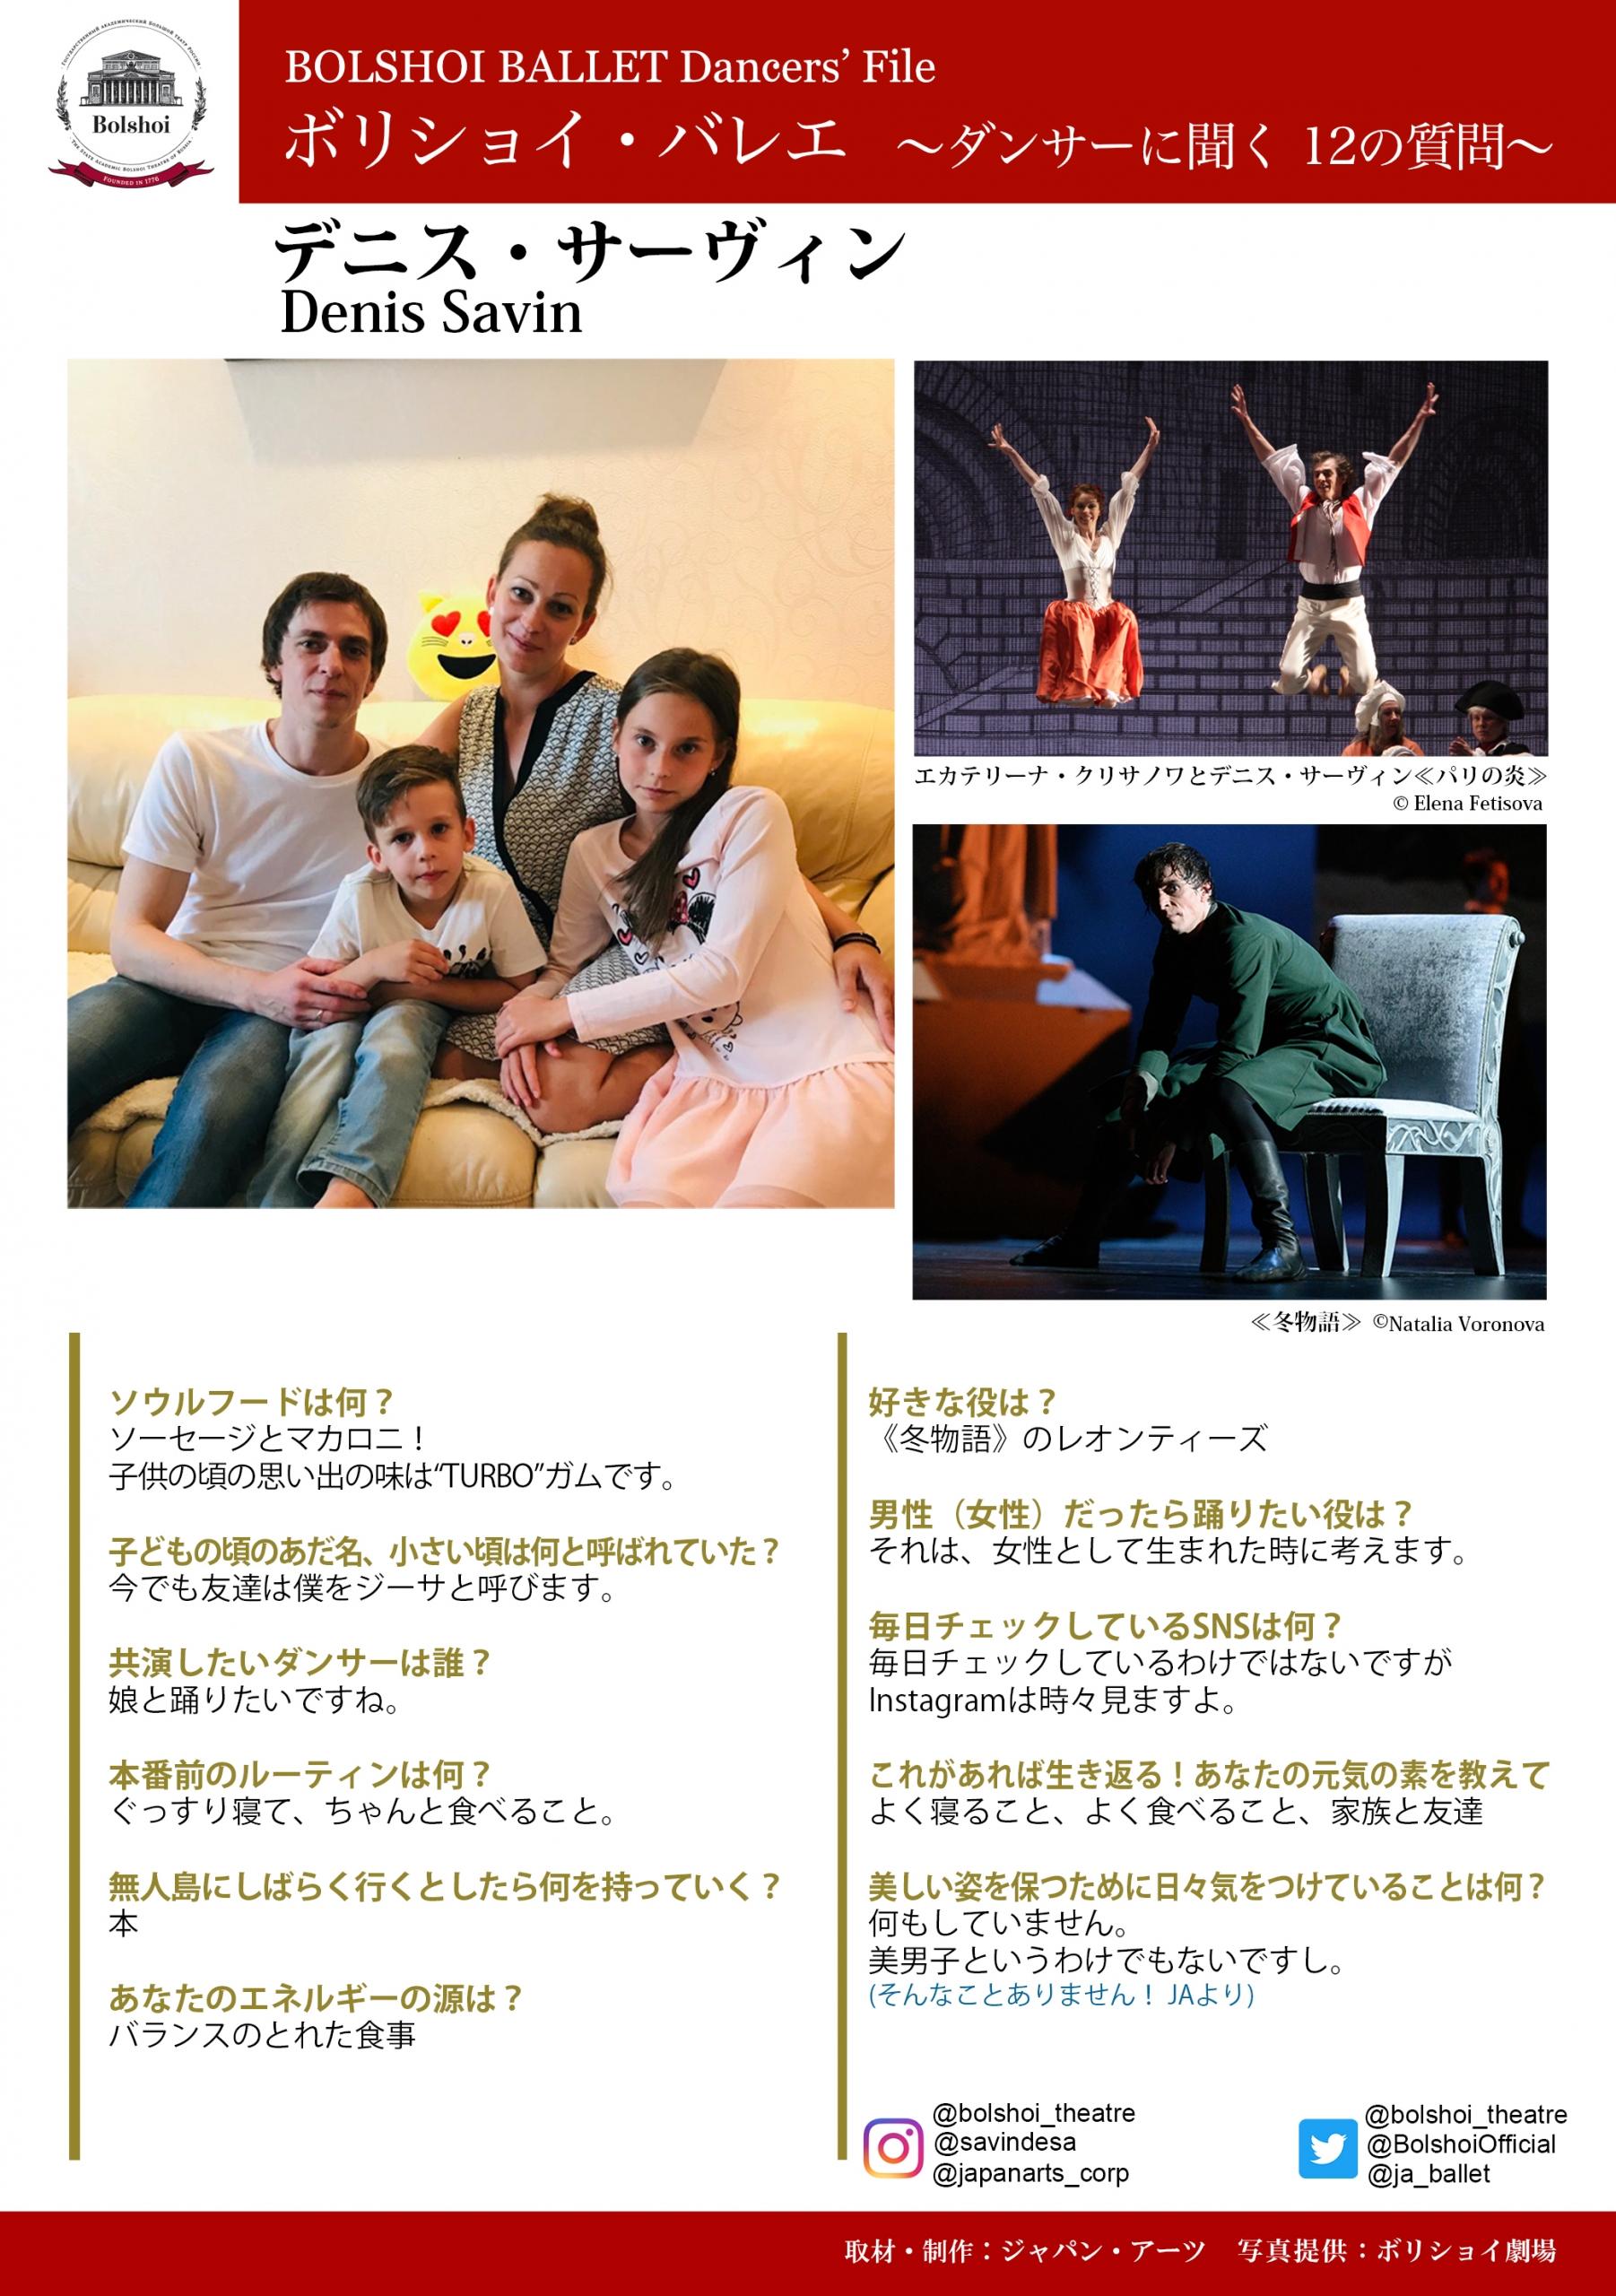 ボリショイ・バレエ 〜ダンサーに聞く 12の質問〜 vol.7 デニス・サーヴィン